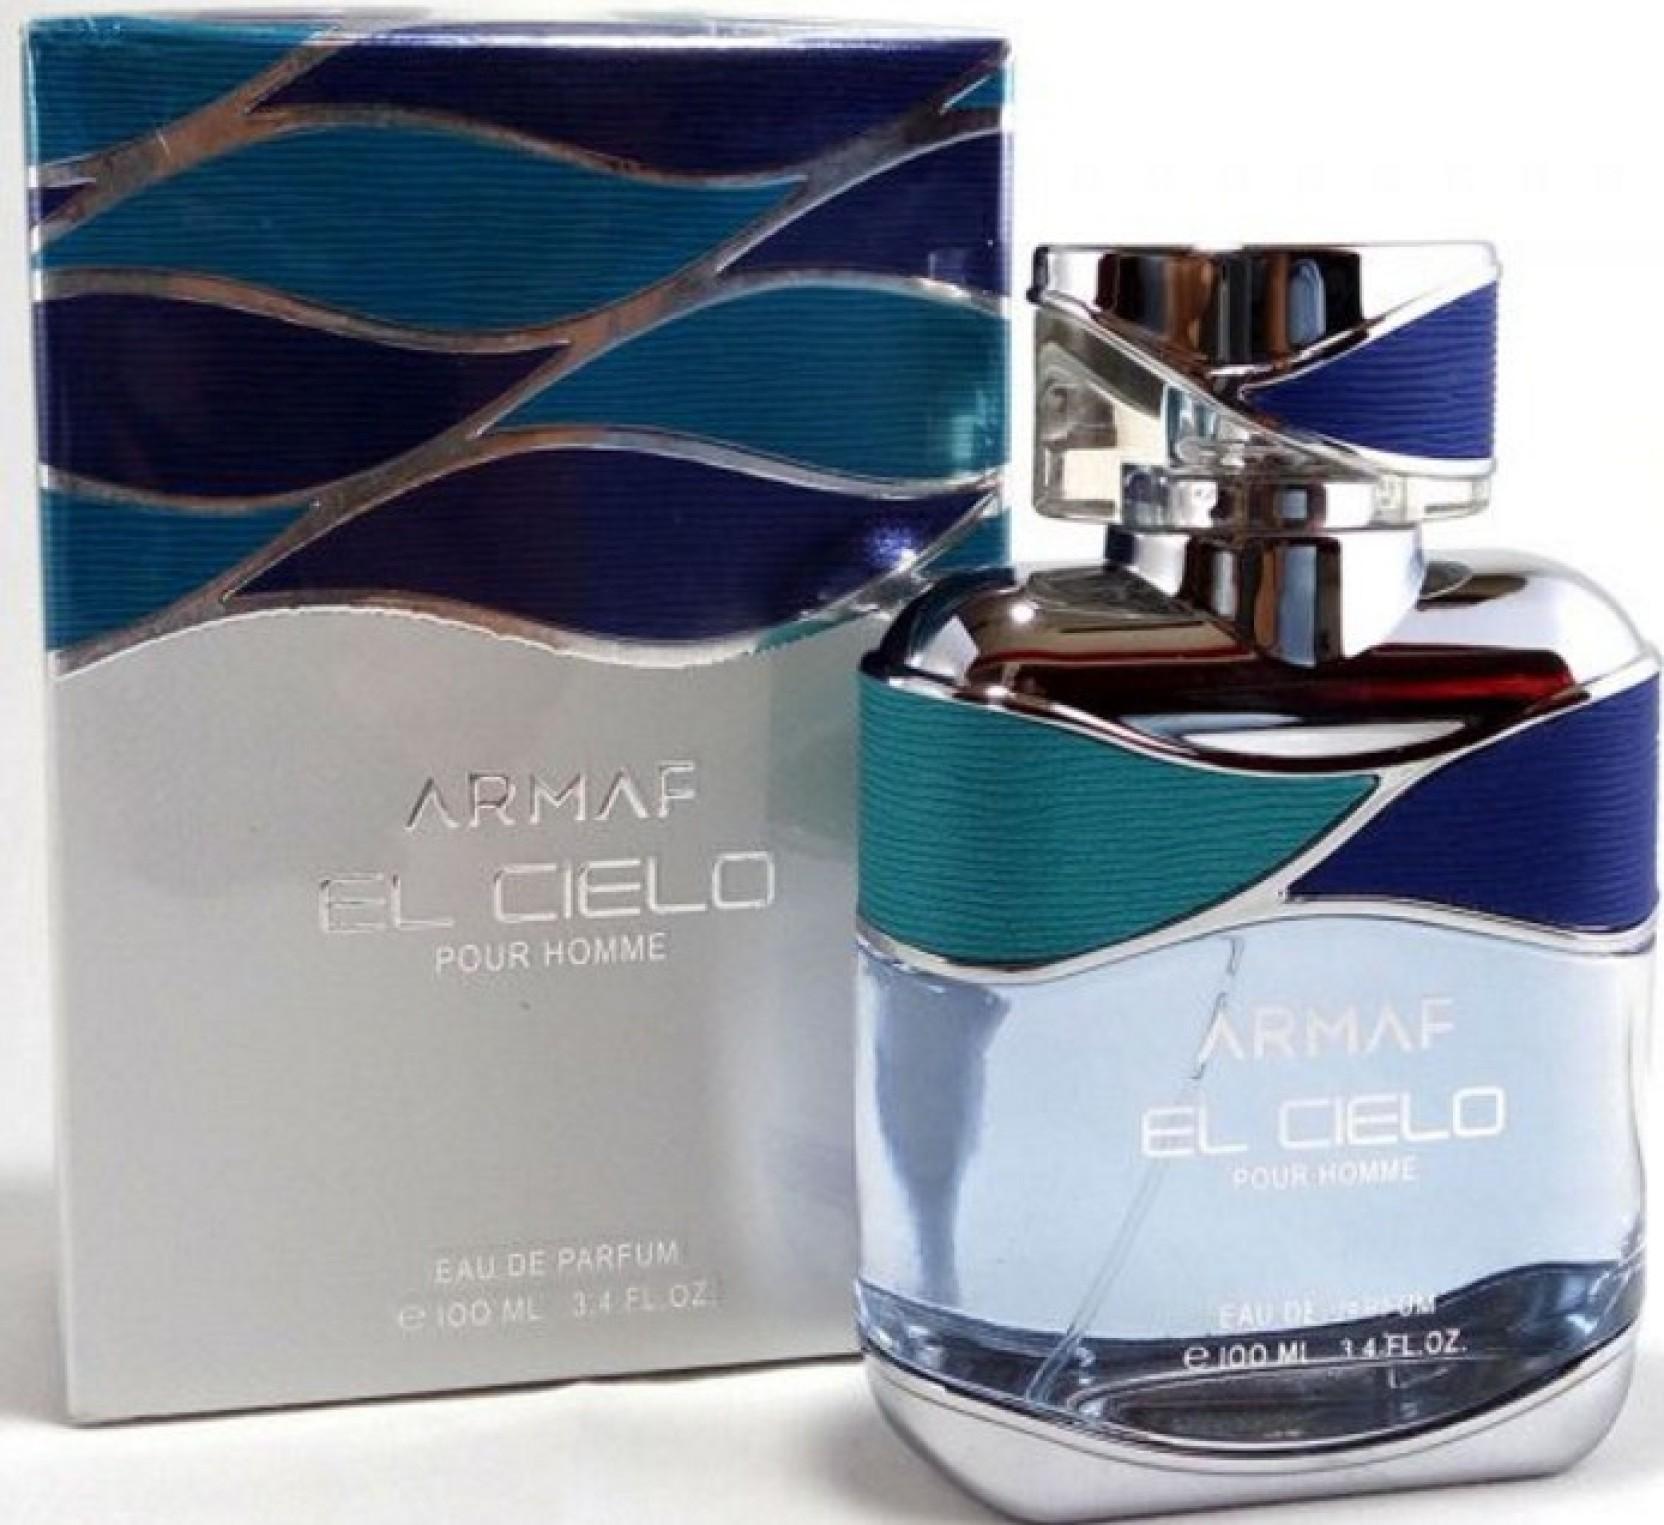 Buy Armaf El Cielo Eau De Parfum 100 Ml Online In India Original Adidas Get Ready Add To Cart